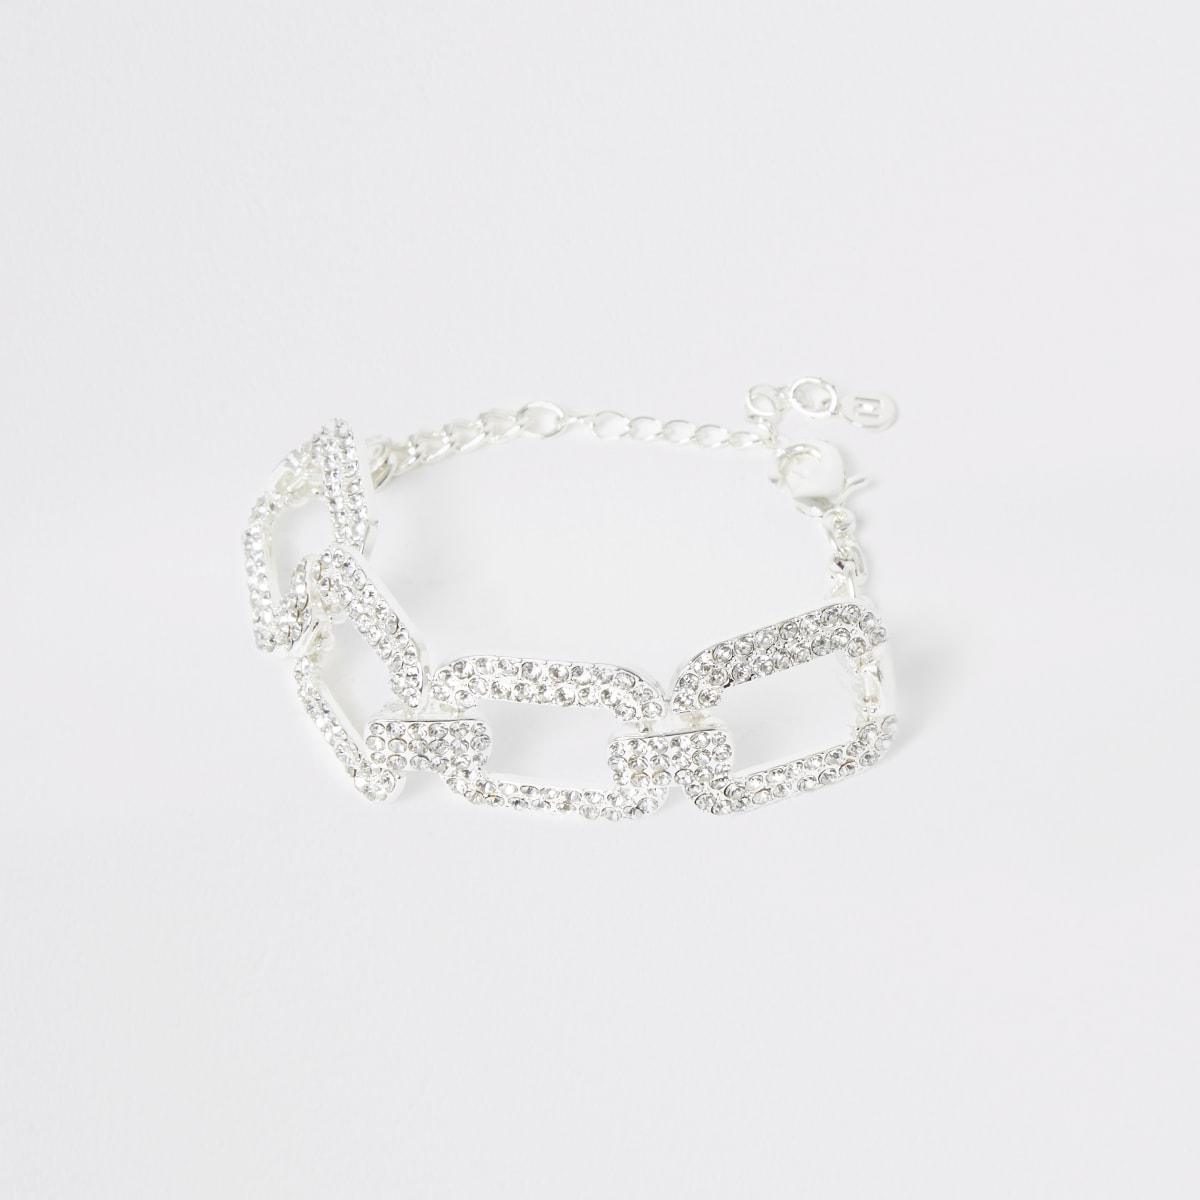 Zilverkleurige rechthoekige armband met siersteentjes